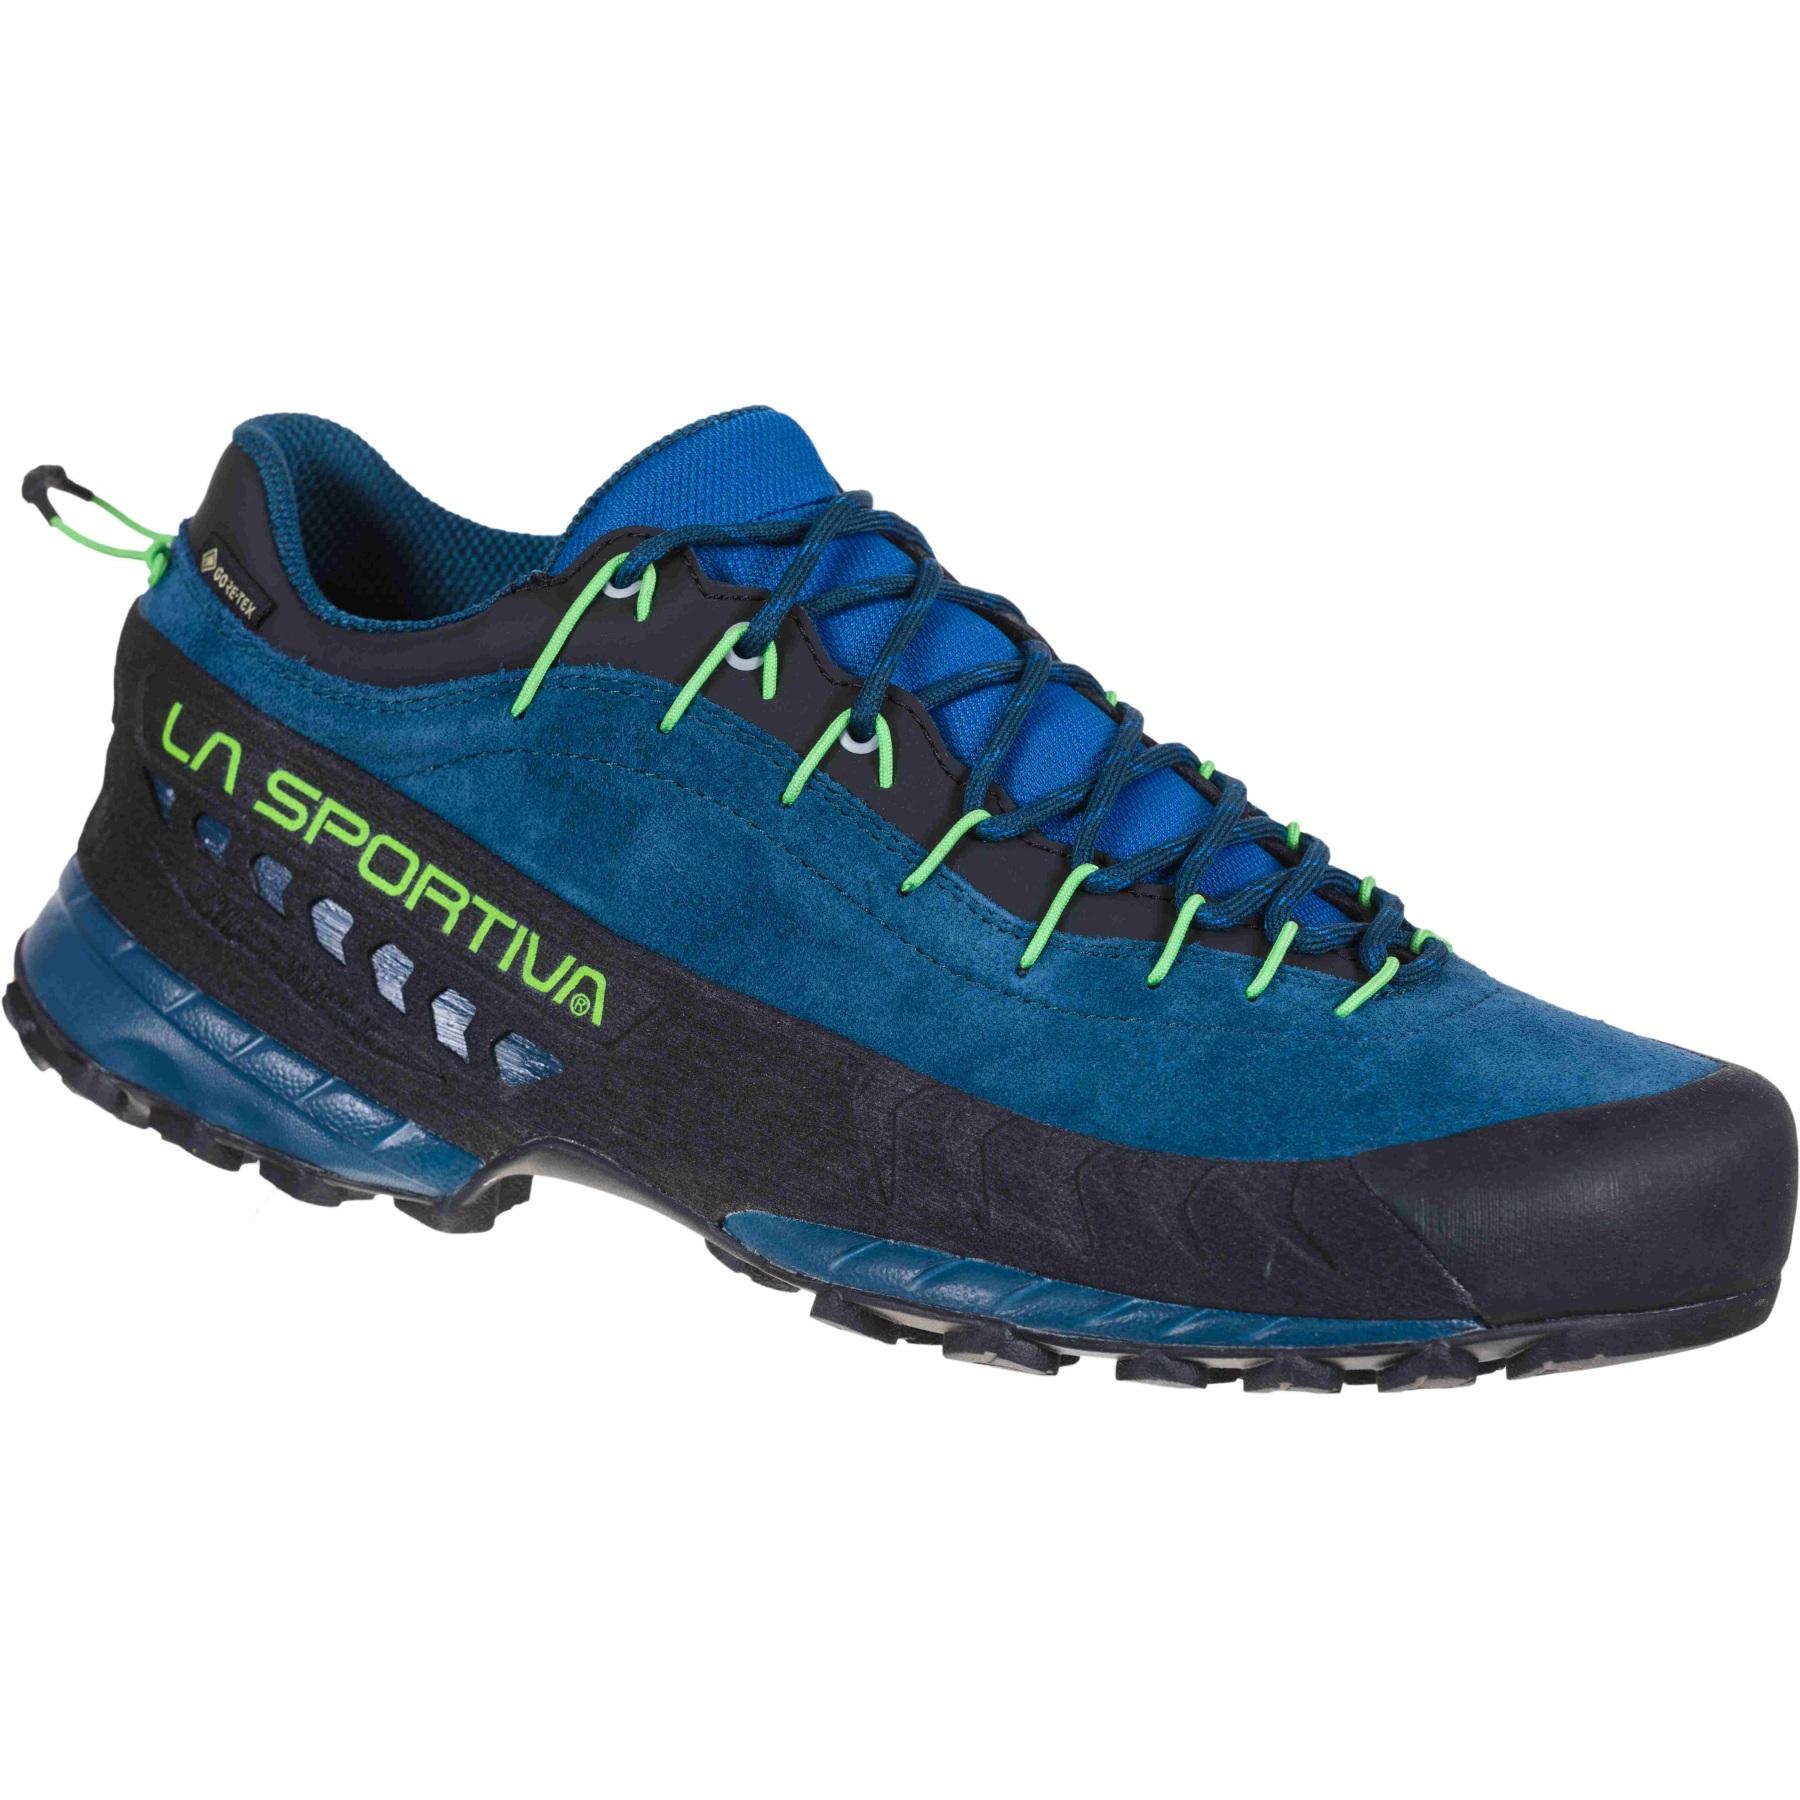 La Sportiva TX4 GTX Approach Shoes - Opal/Jasmine Green